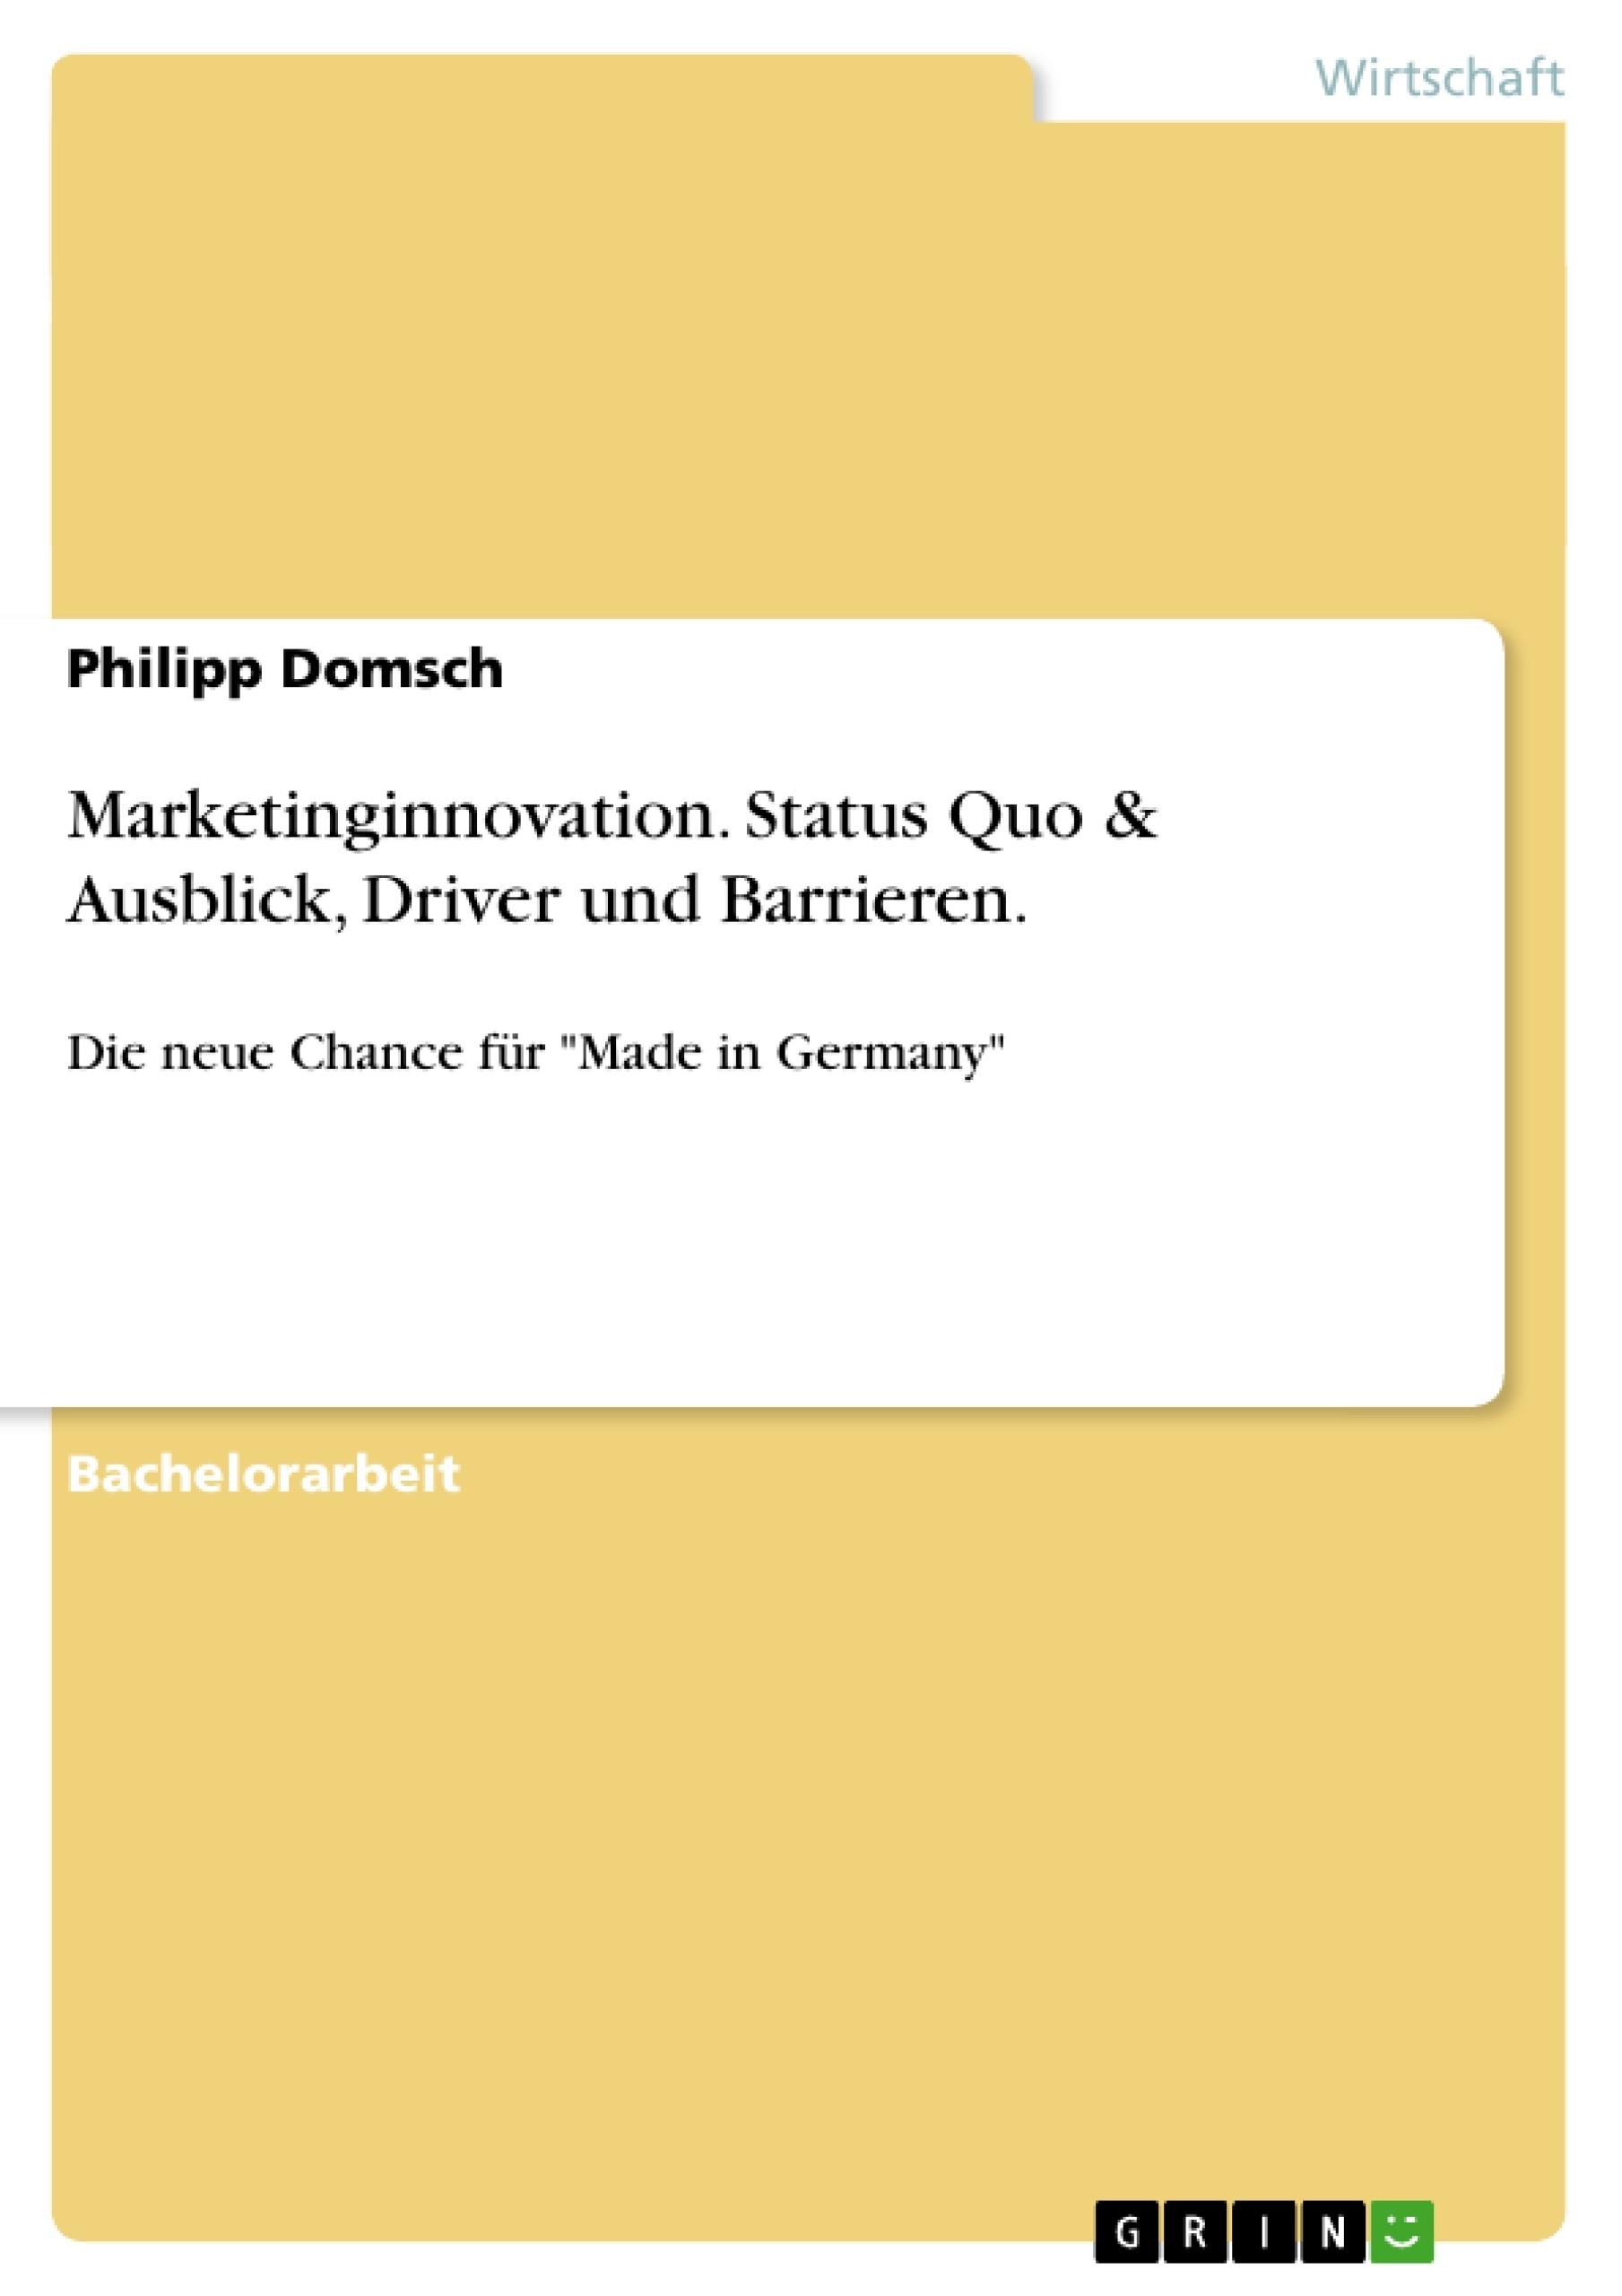 Titel: Marketinginnovation. Status Quo & Ausblick, Driver und Barrieren.